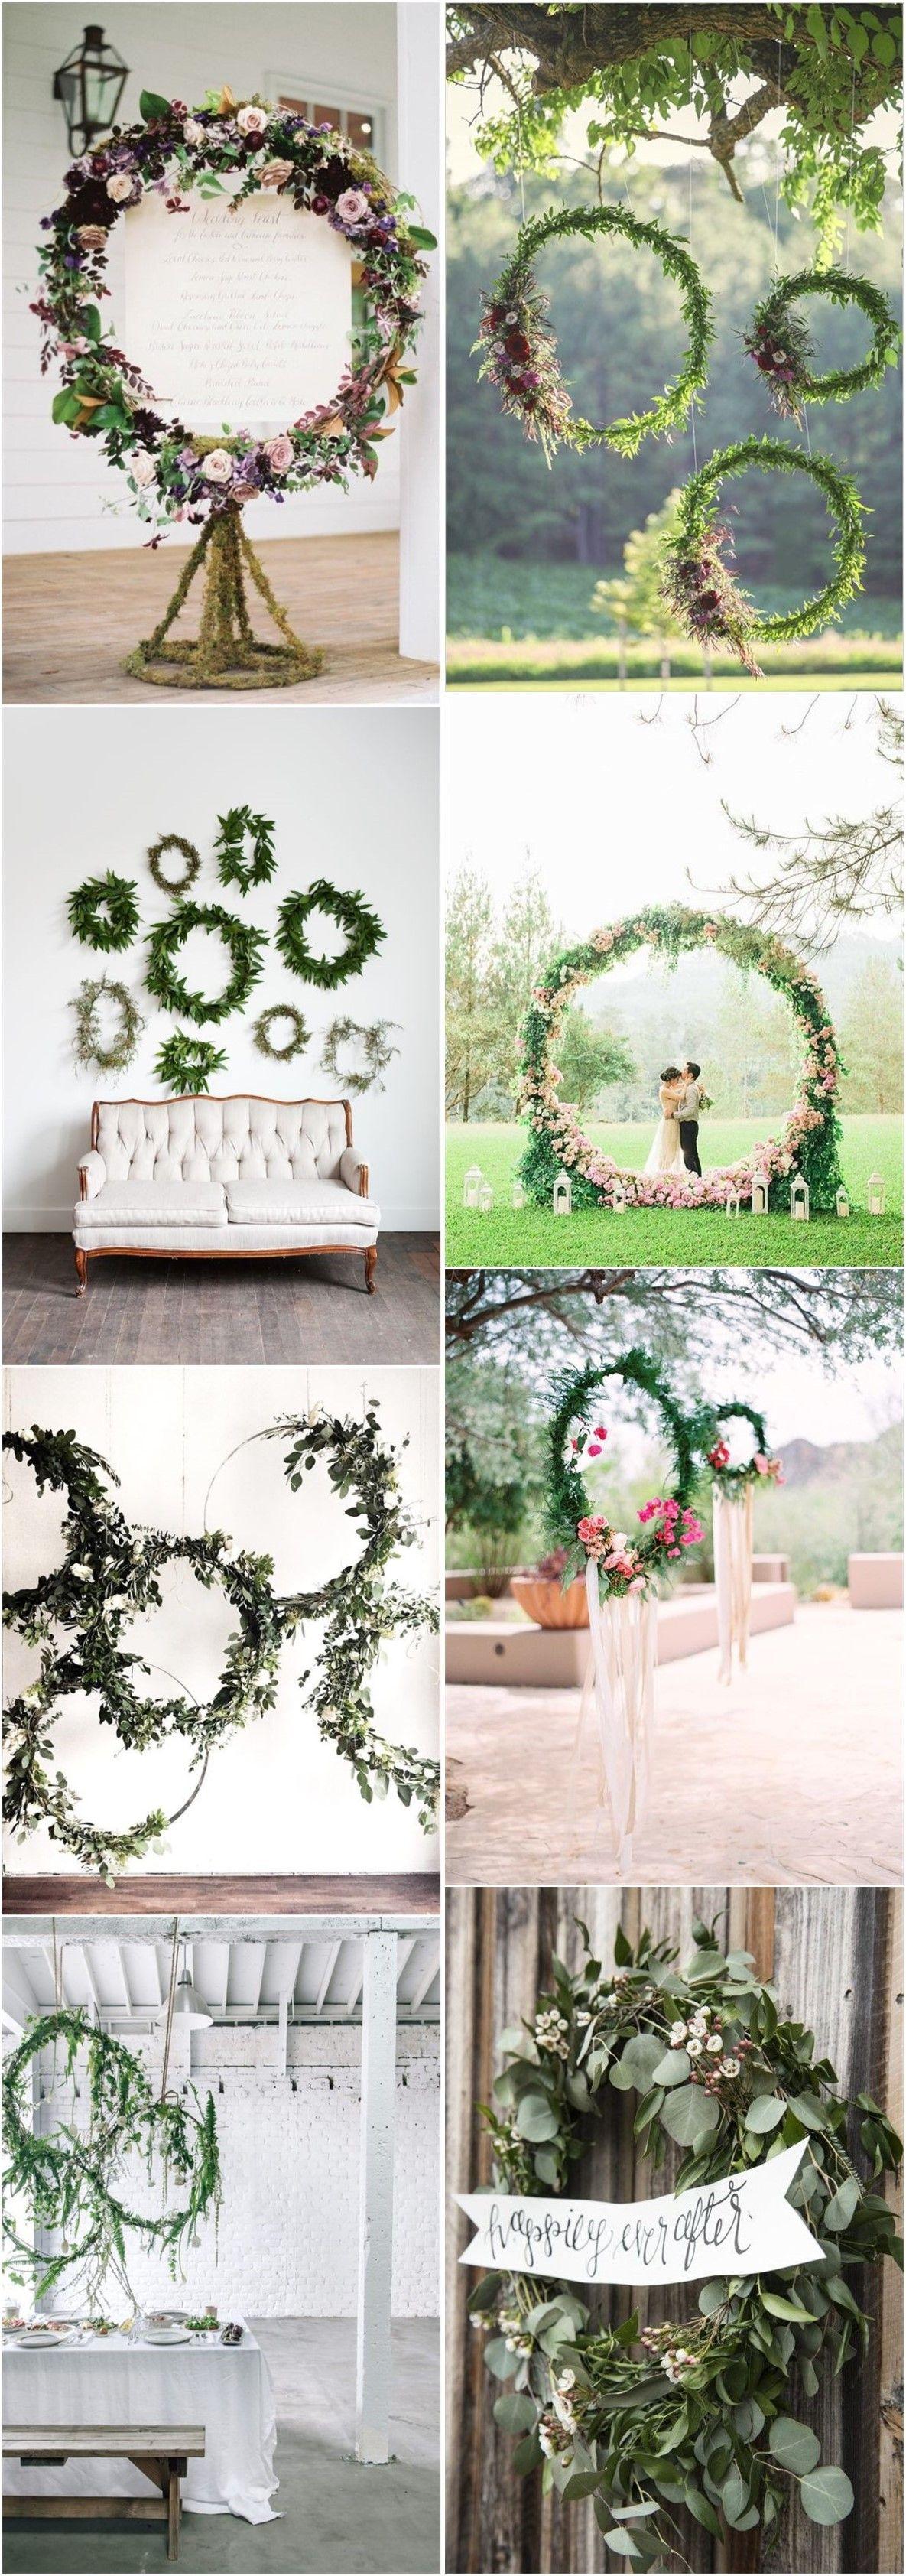 Diy decorations for wedding  Top  Greenery DIY Wedding Wreath Ideas Worth Stealing  Wedding